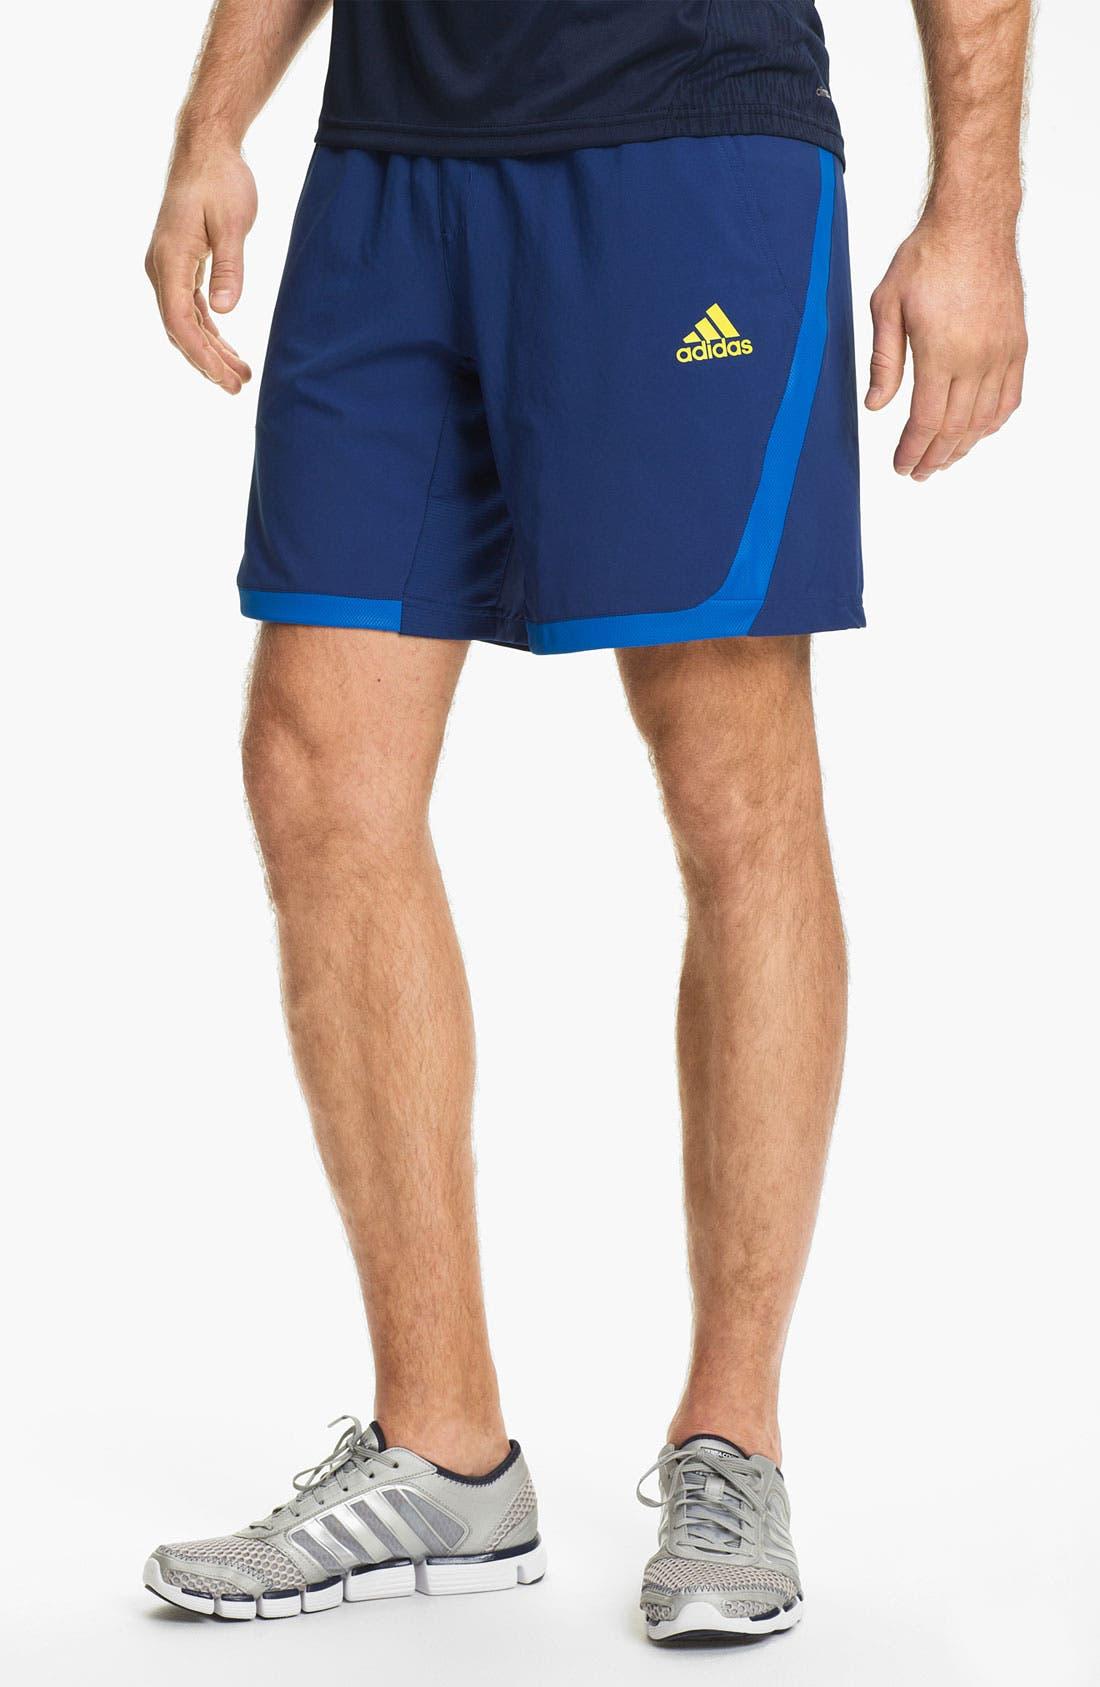 Alternate Image 1 Selected - adidas 'Barricade' Shorts